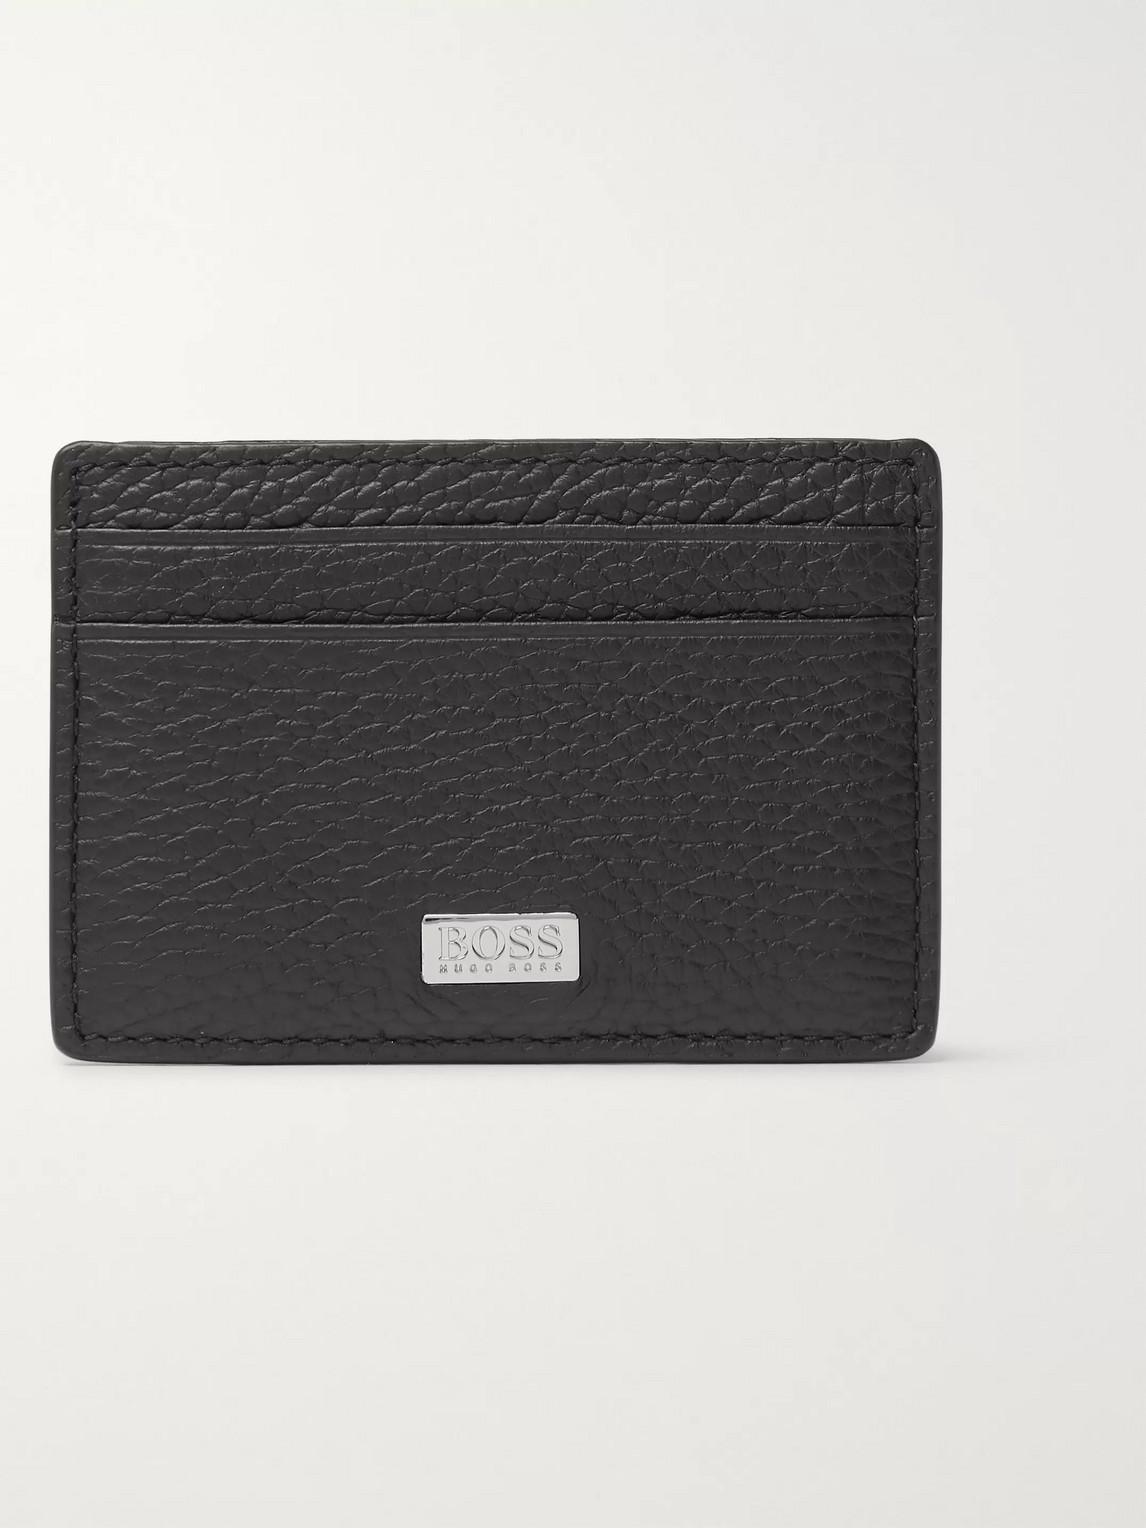 Hugo Boss Crosstown Full-grain Leather Cardholder With Money Clip In Black